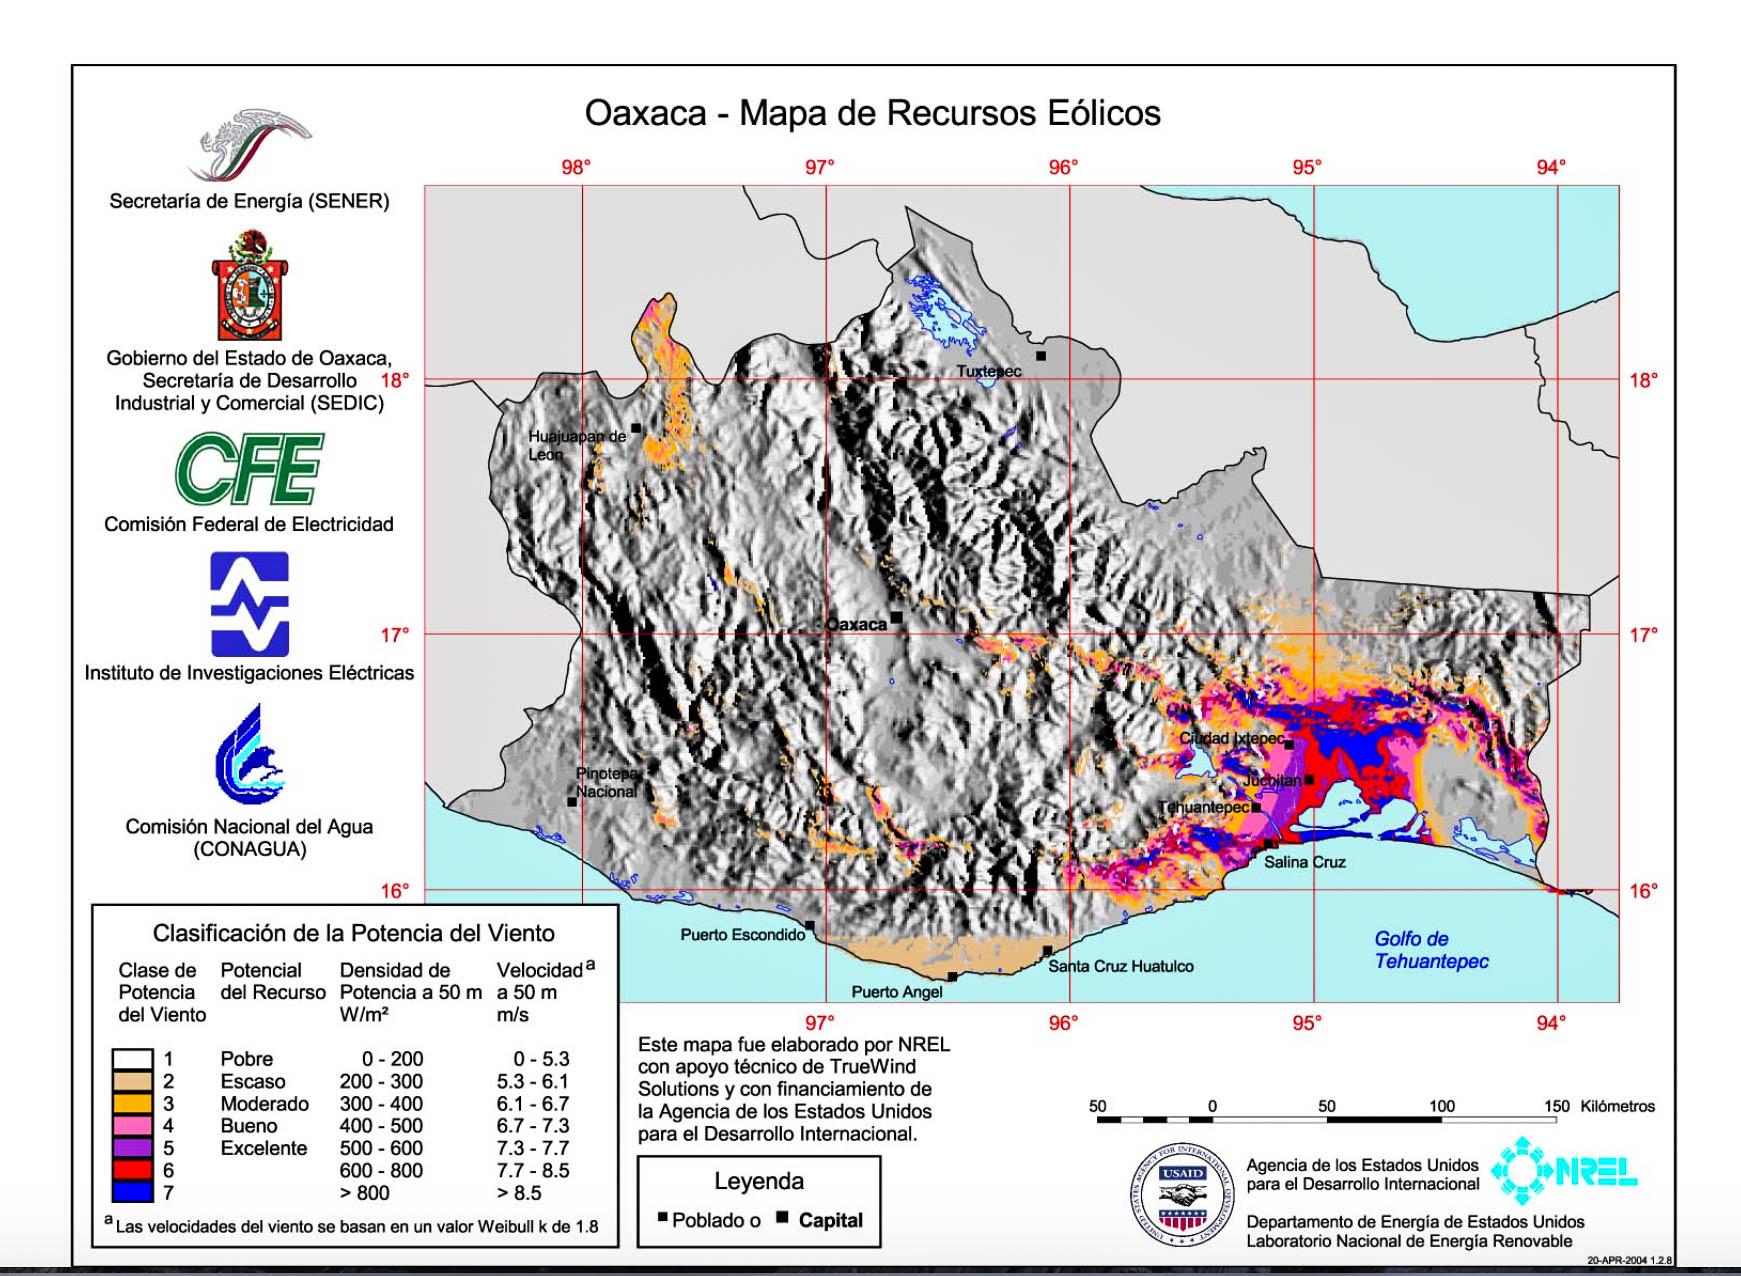 Mapa dos recursos eólicos no México. Grande potencial está no Istmo Tehuantepec